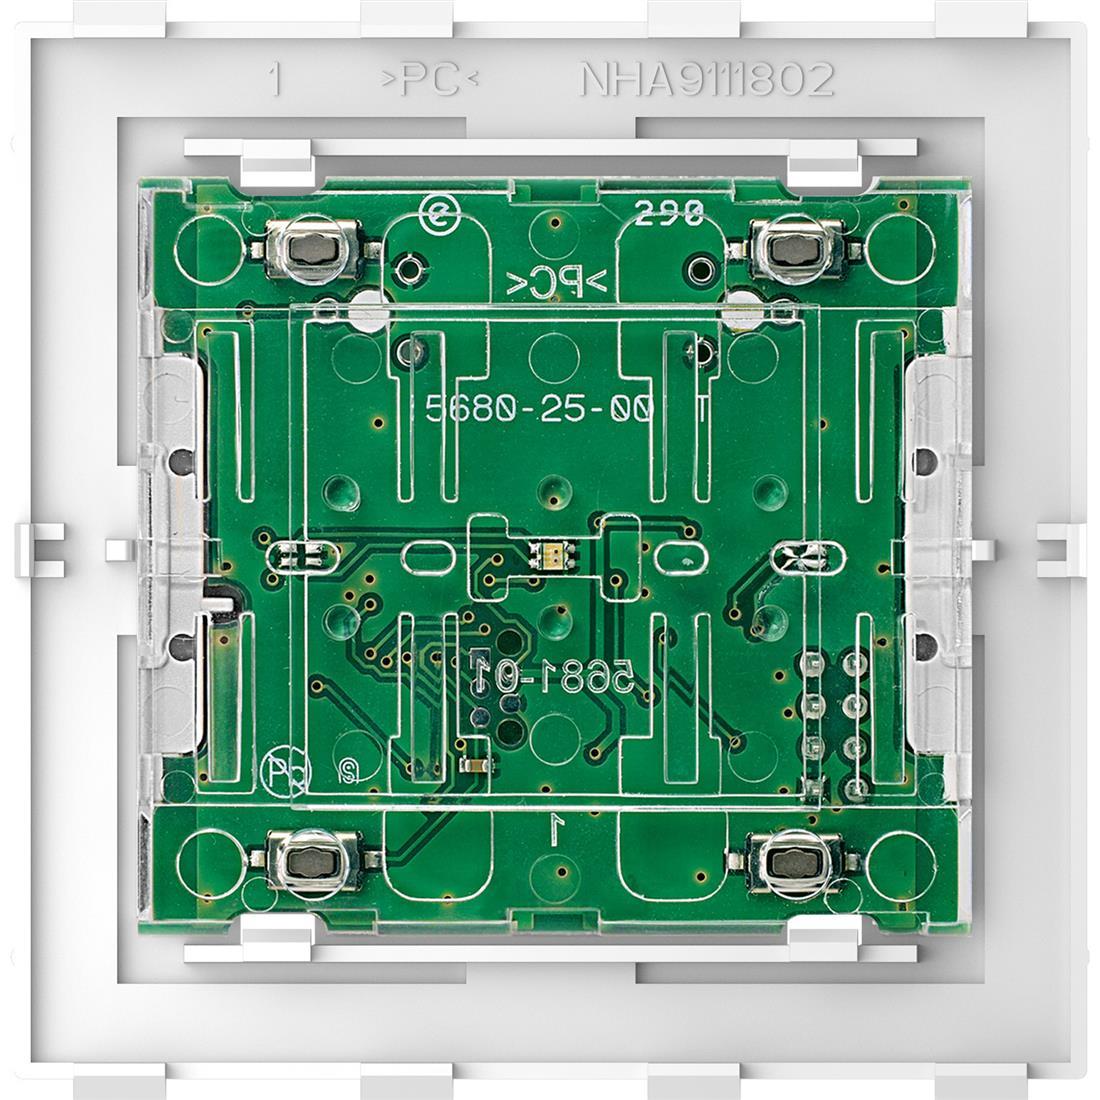 Schneider-Merten SysD 1-voudig comfort impuls/druk module (MTN5111-6000)